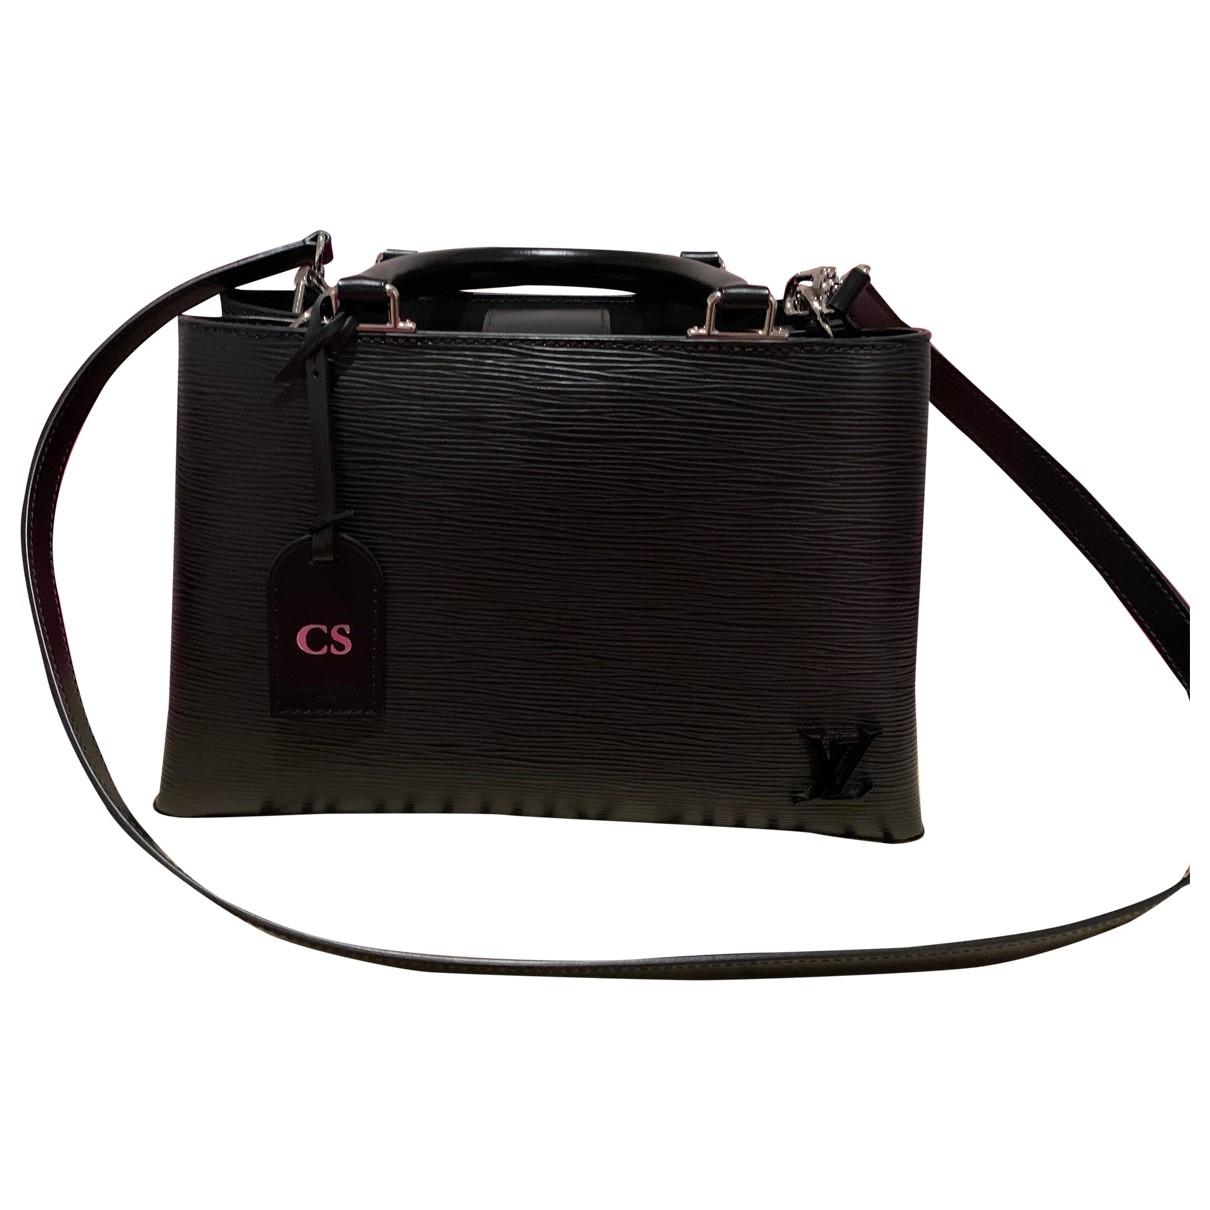 Louis Vuitton - Sac a main Kleber pour femme en cuir - noir